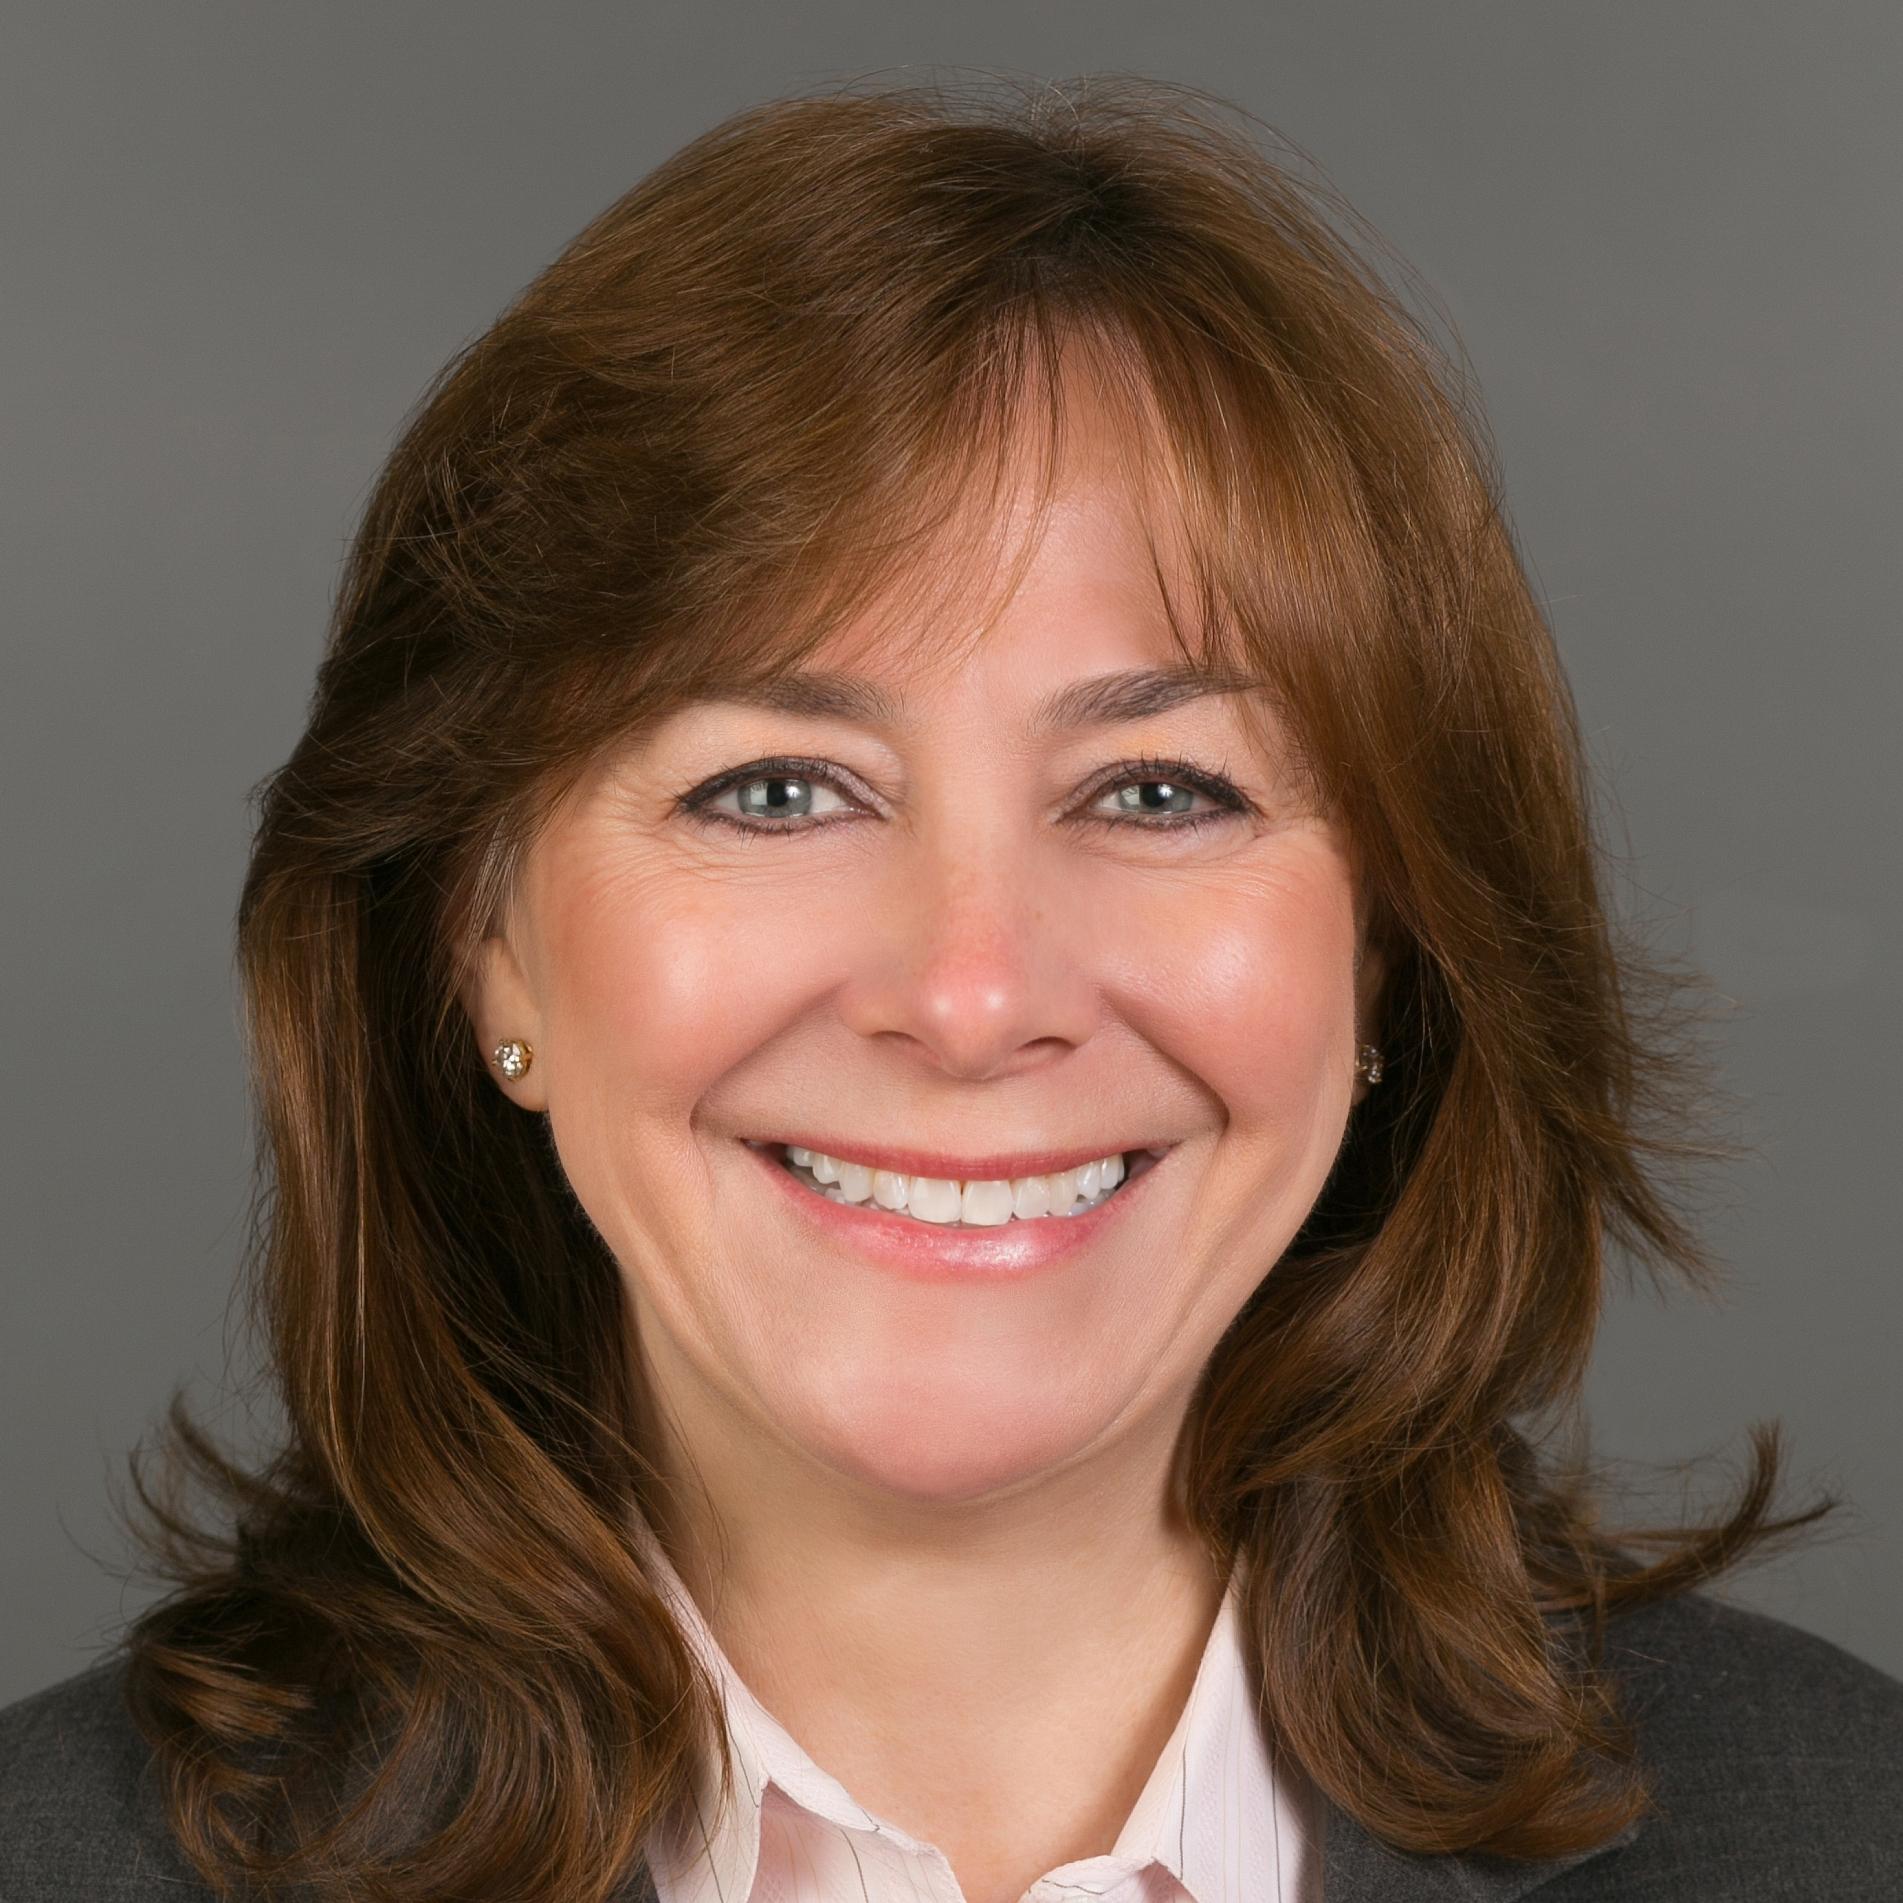 KATHLEEN M. HOST,CTFA - Vice President & Senior Trust Officer